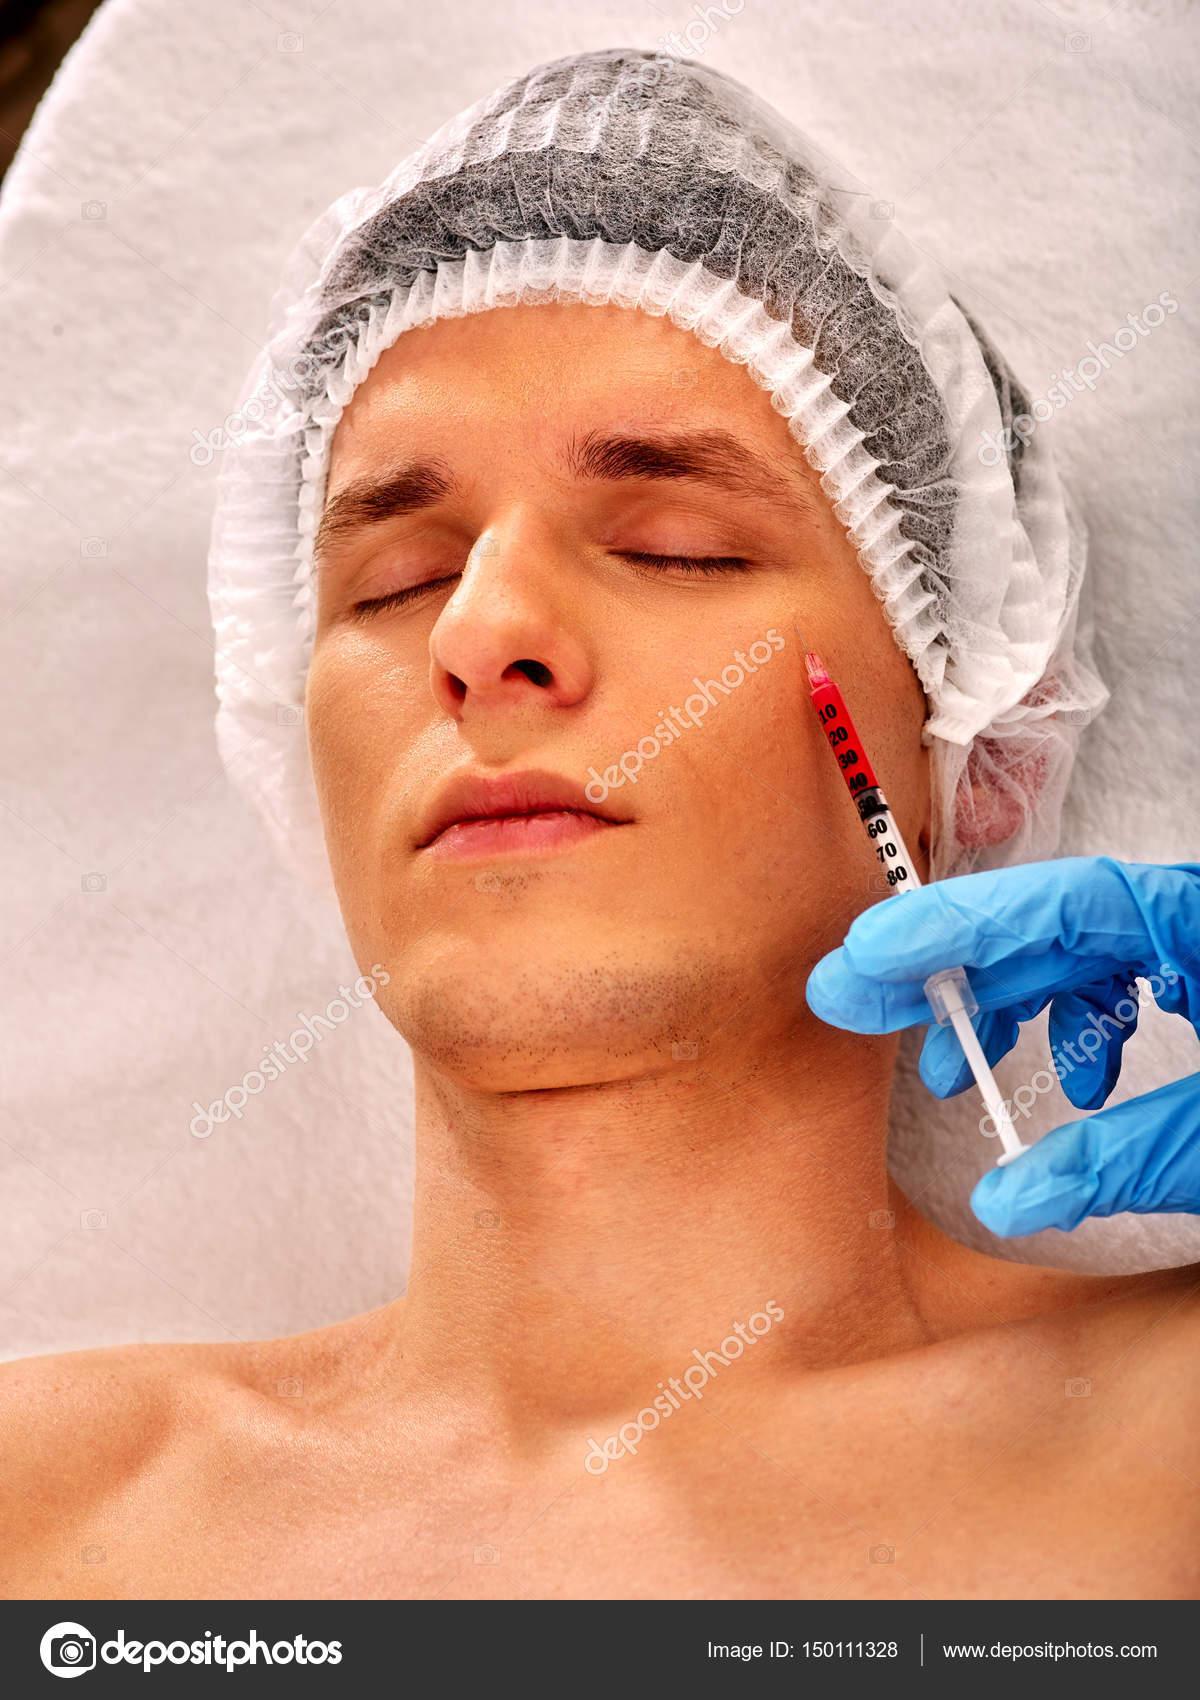 388965483bfec Injeção de enchimento para o rosto masculino. Plástica cirurgia estética  facial na clínica de beleza. Homem dando injeções de anti-envelhecimento  para puxar ...